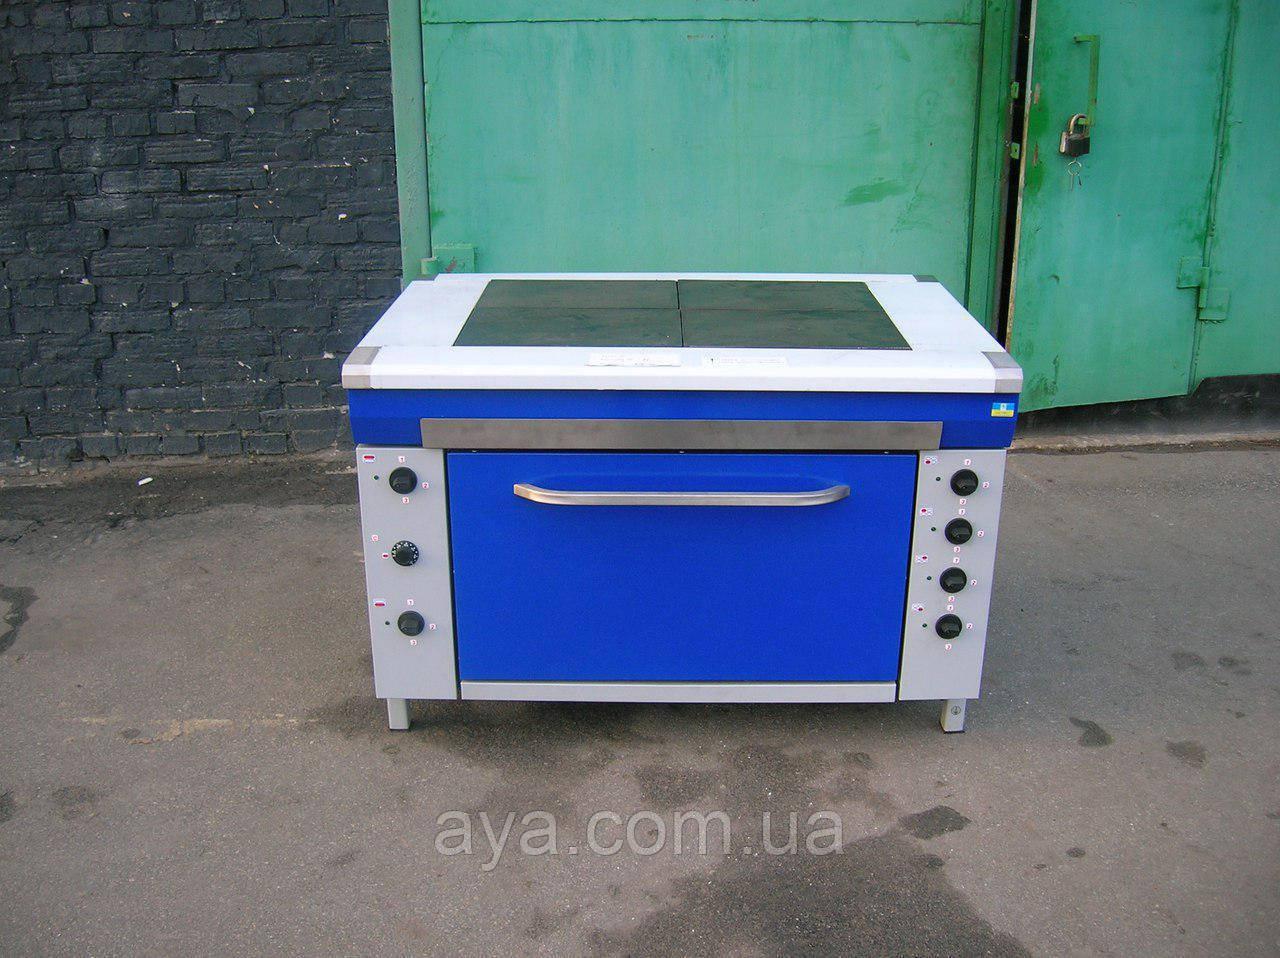 Плита промышленная электрическая ЭПК-4ШБ